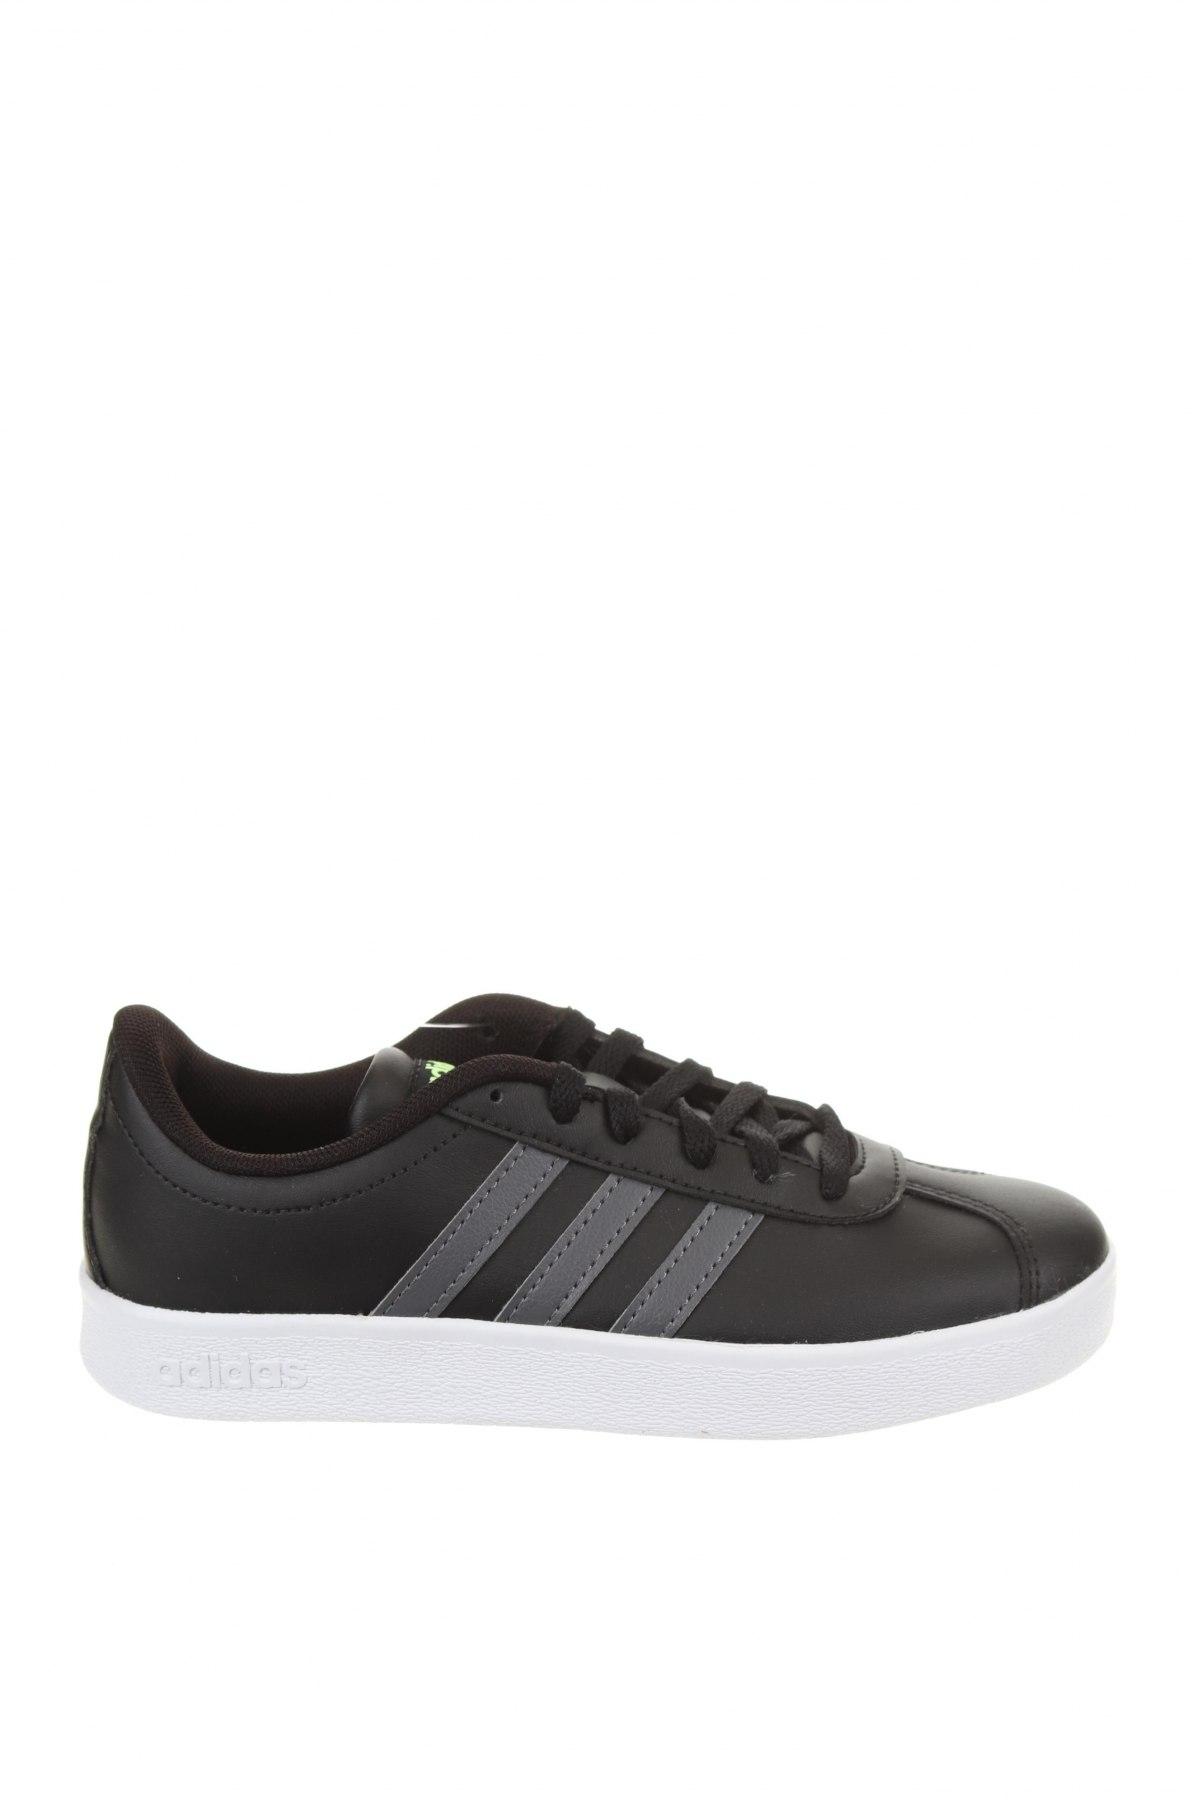 Детски обувки Adidas, Размер 33, Цвят Черен, Еко кожа, Цена 44,70лв.